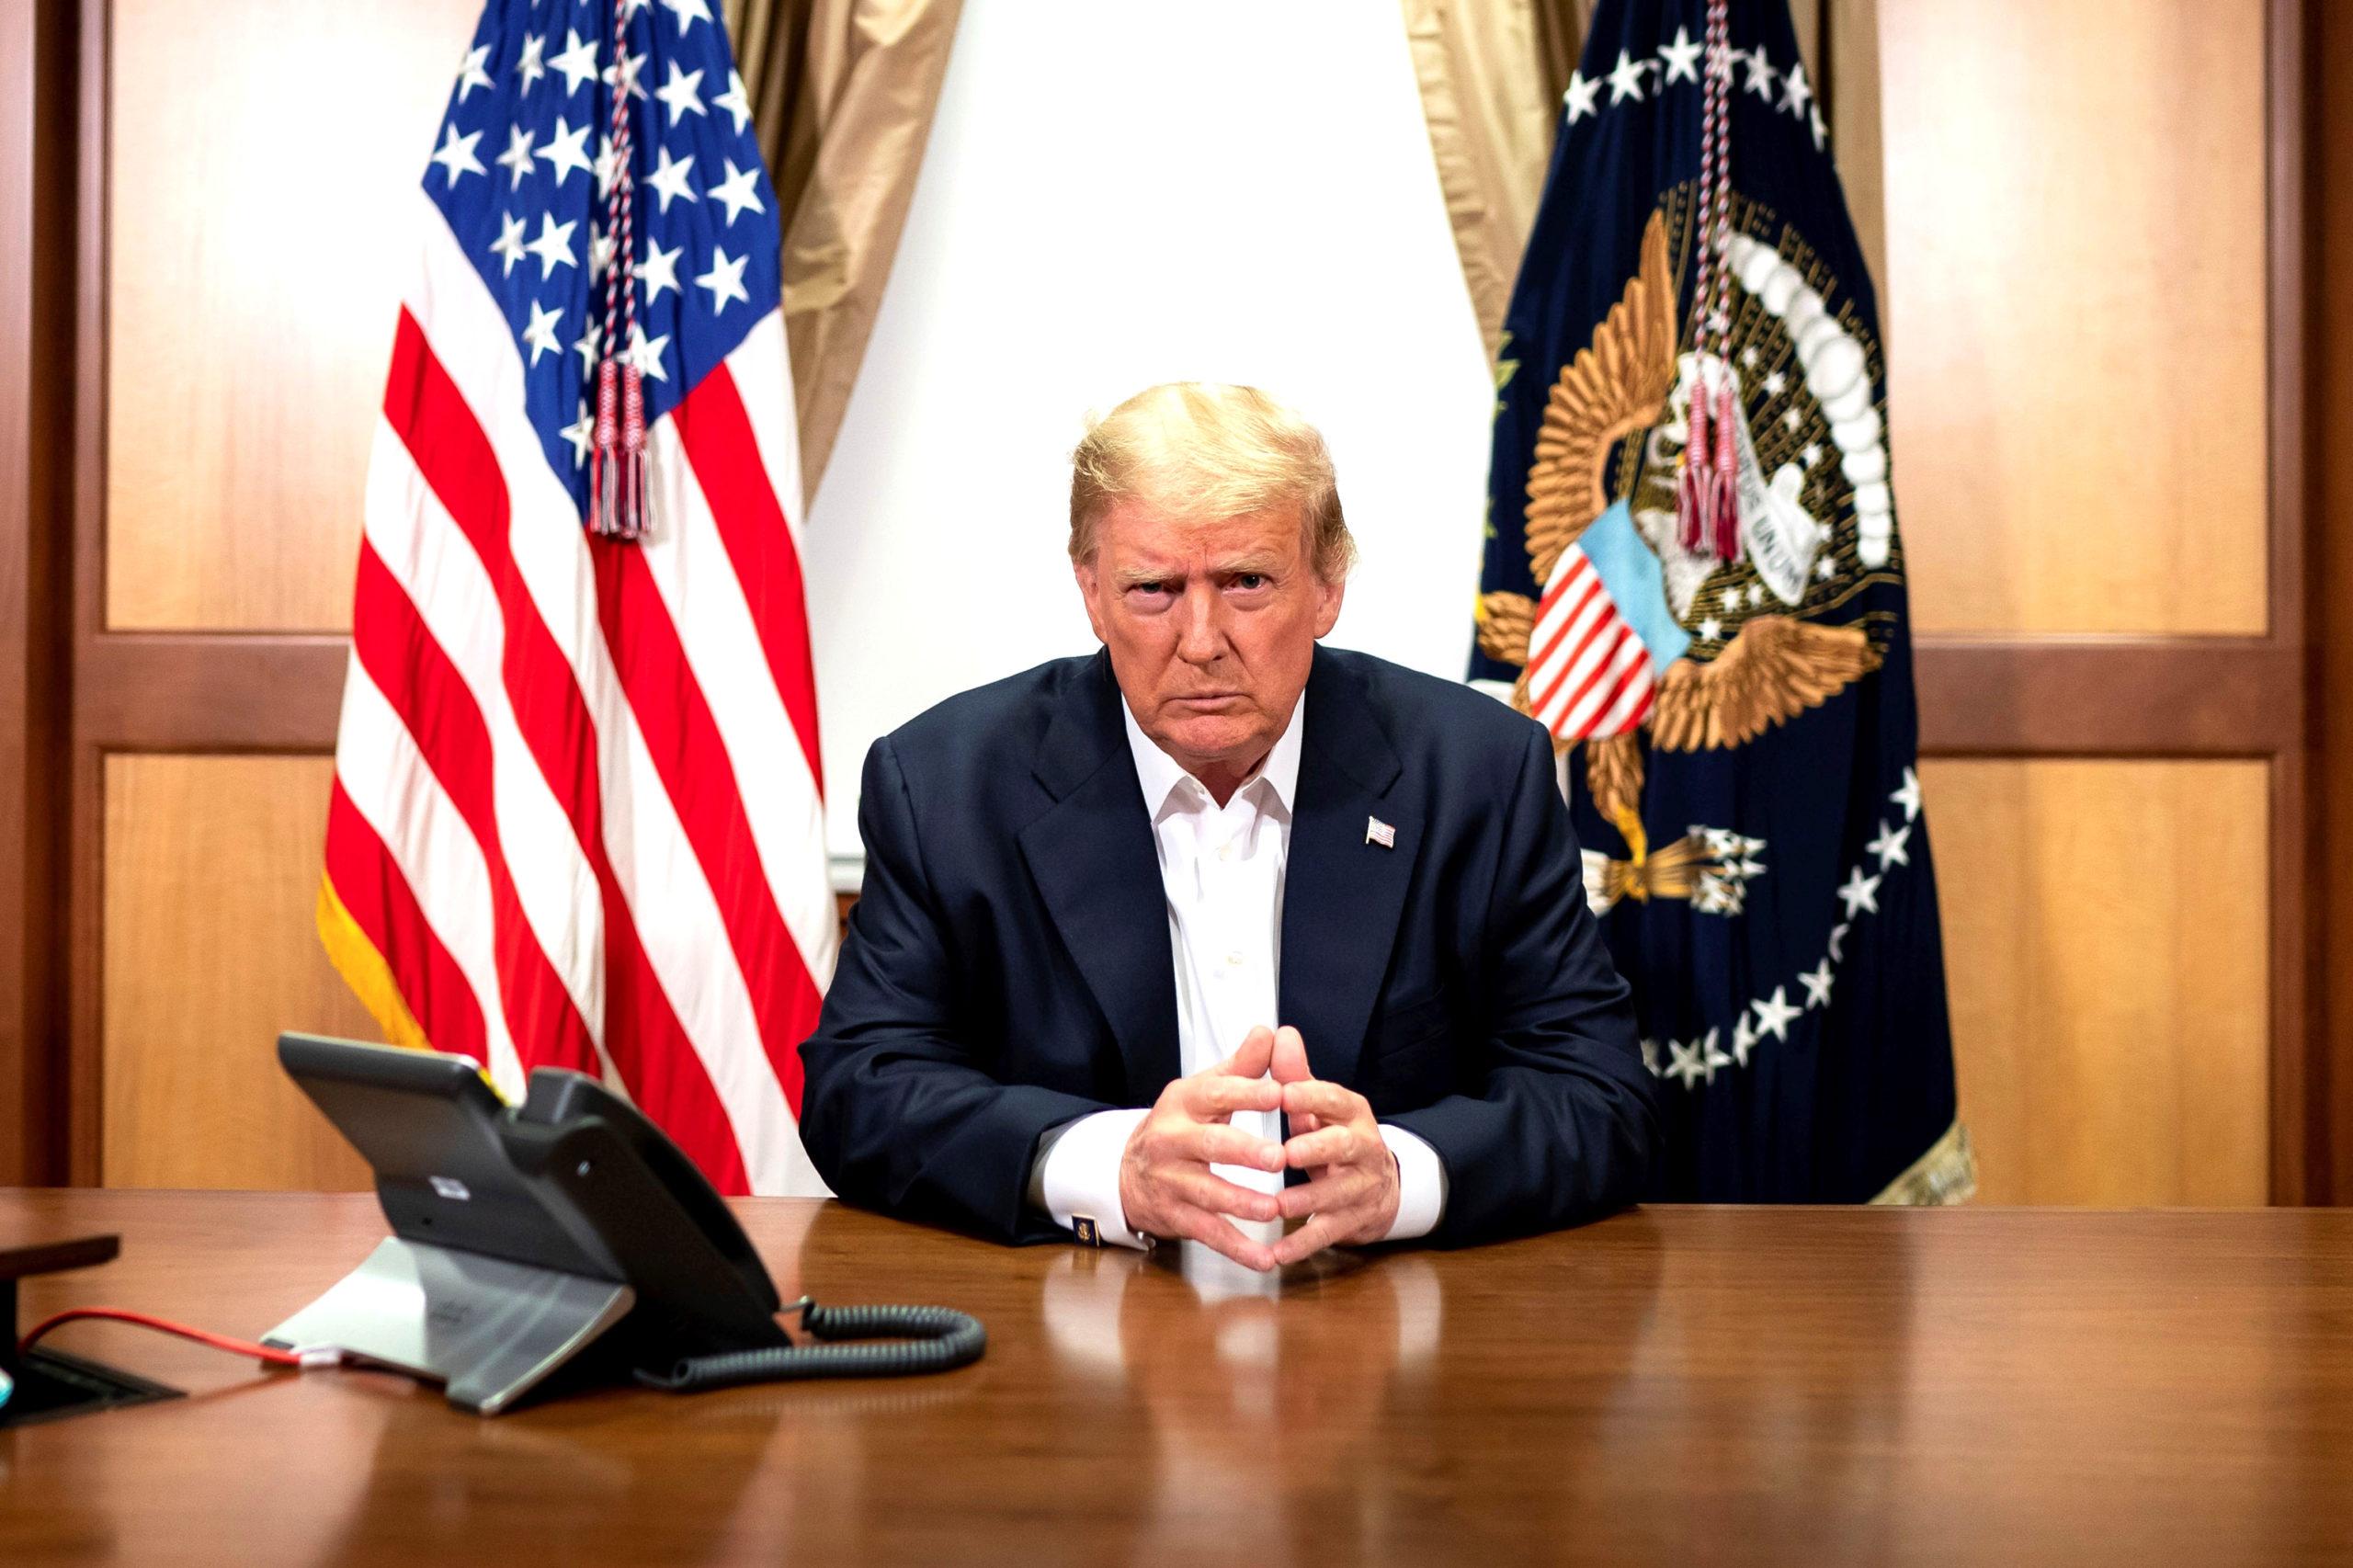 Tổng thống Trump tổ chức cuộc họp qua video với Phó Tổng thống Pence, Ngoại trưởng Pompeo và Chủ tịch Hội đồng Tham mưu trưởng Liên quân Miller ngày 4/10